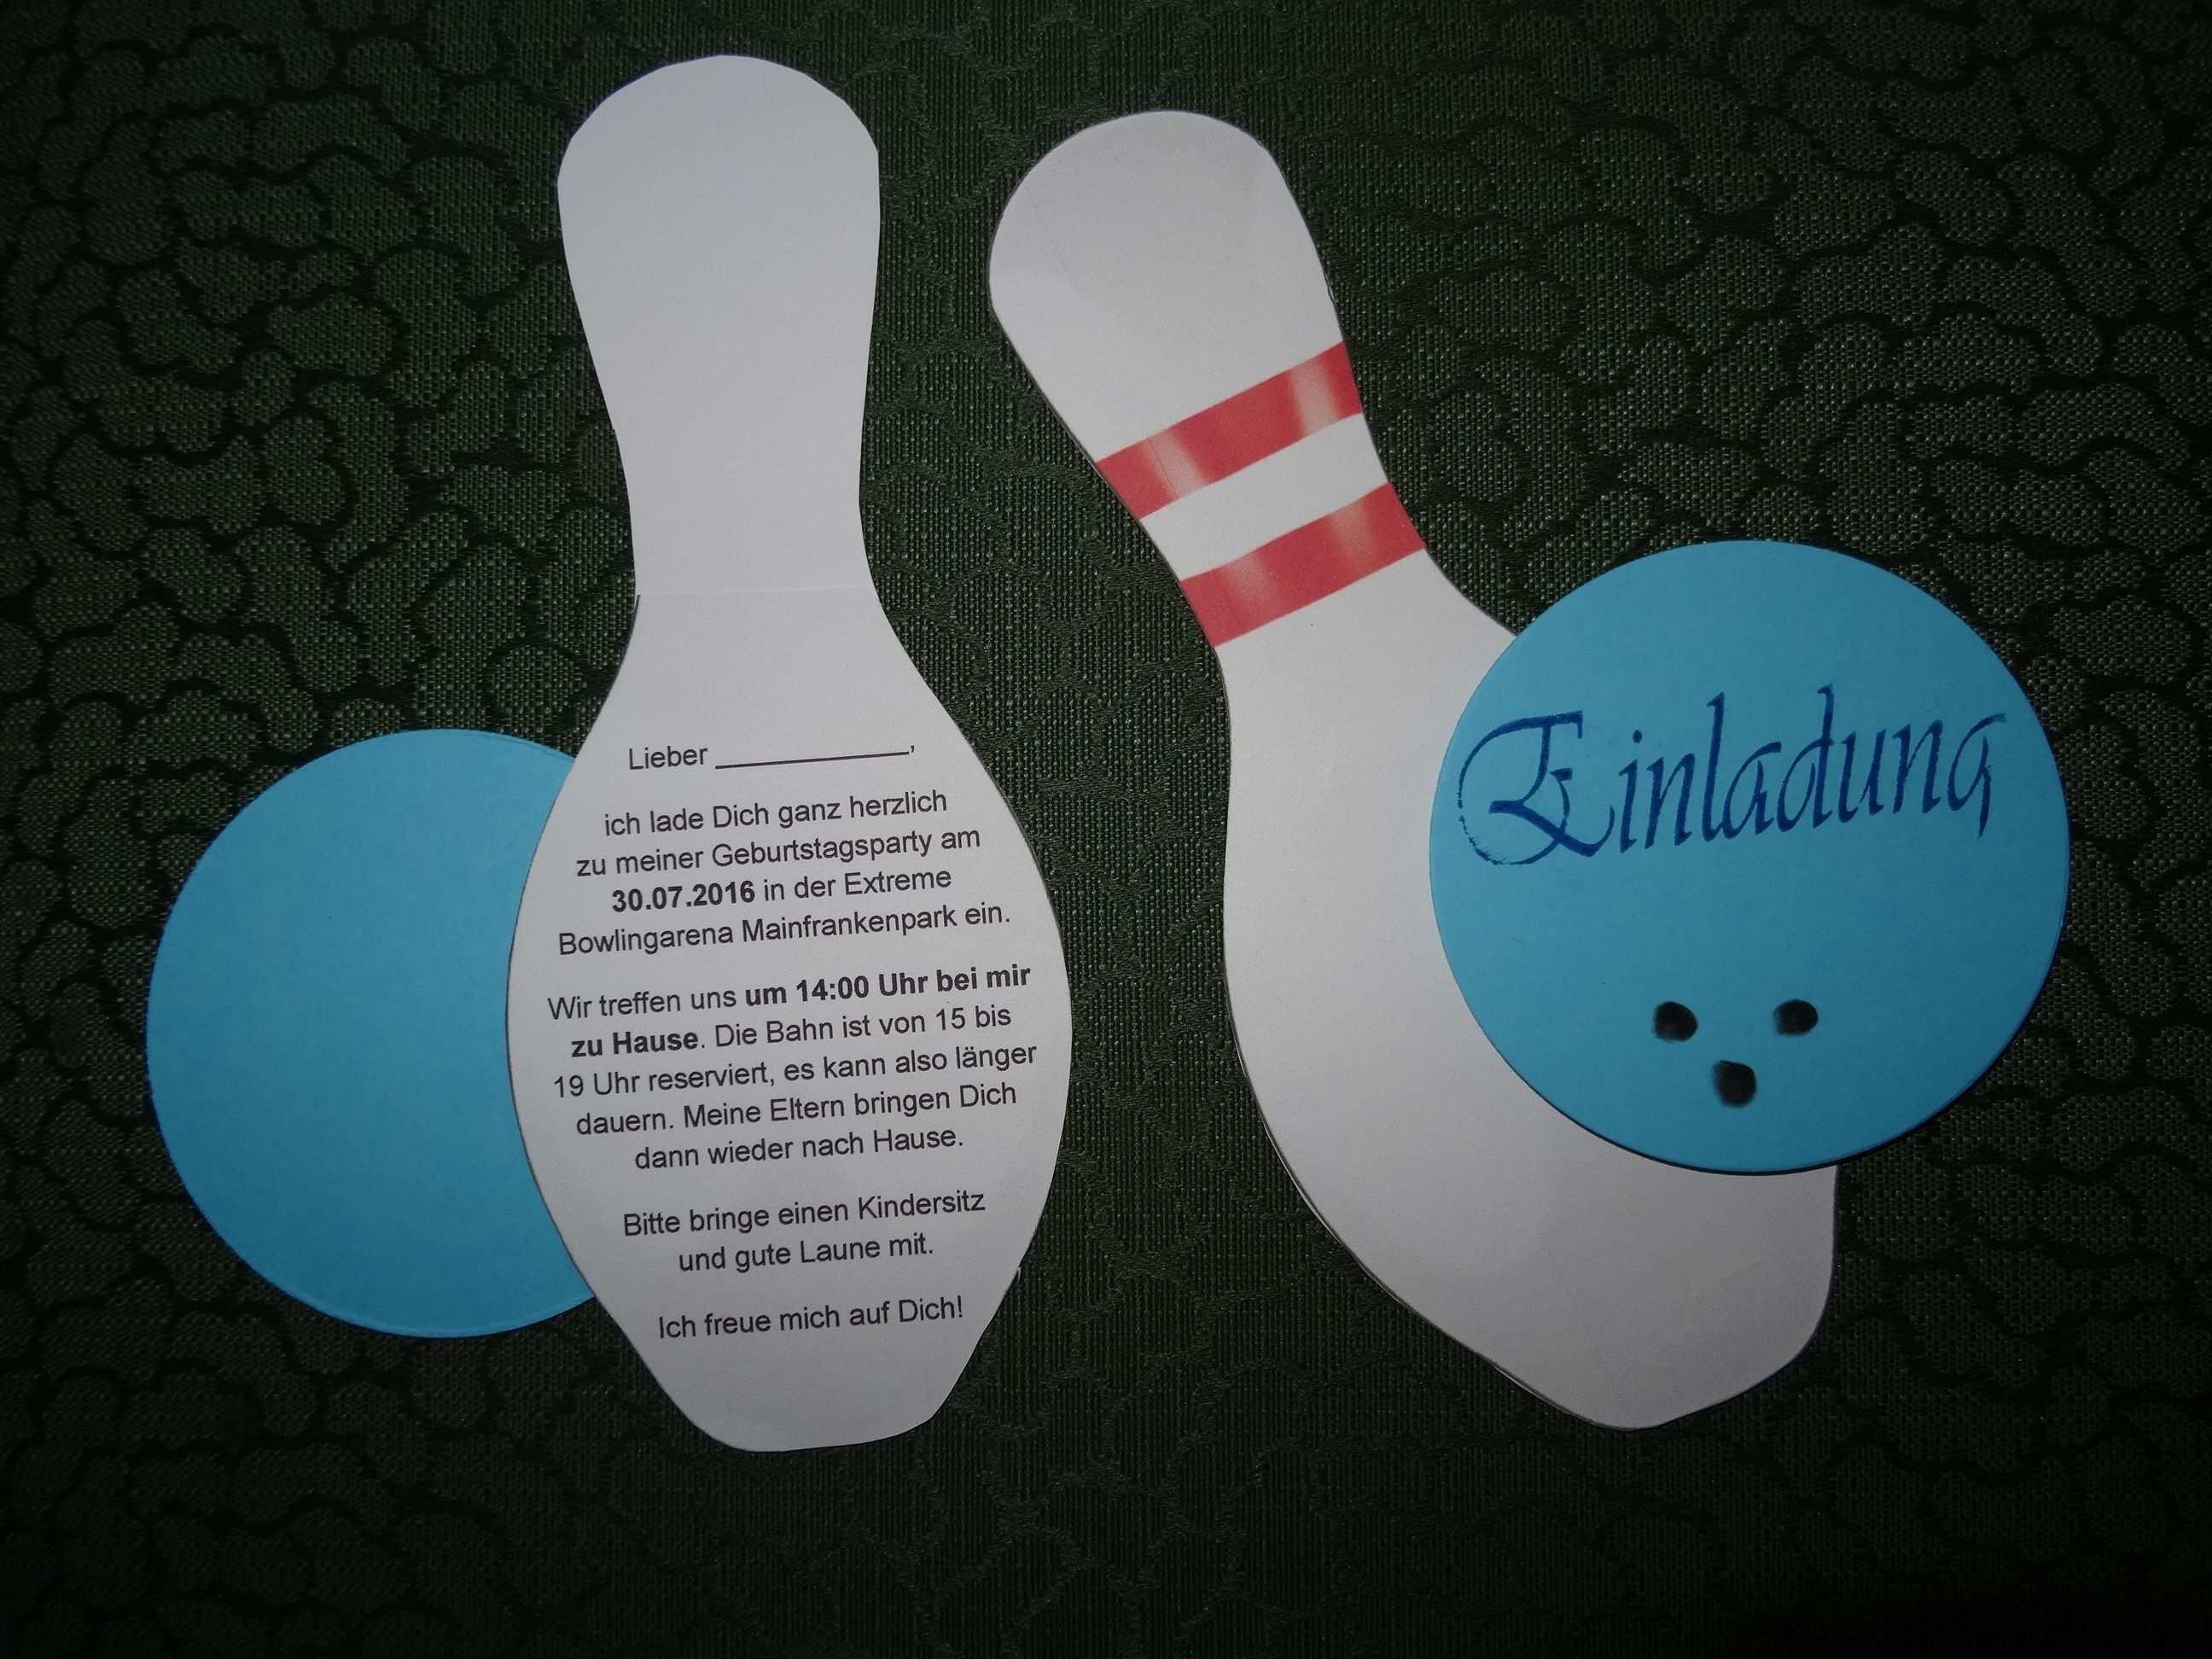 Einladung Geburtstag Kindergeburtstag Bowlingparty Geburtstagsparty Bowling Einladung Vorlage Kostenlos Einladung Geburtstag Einladungskarten Kindergeburtstag